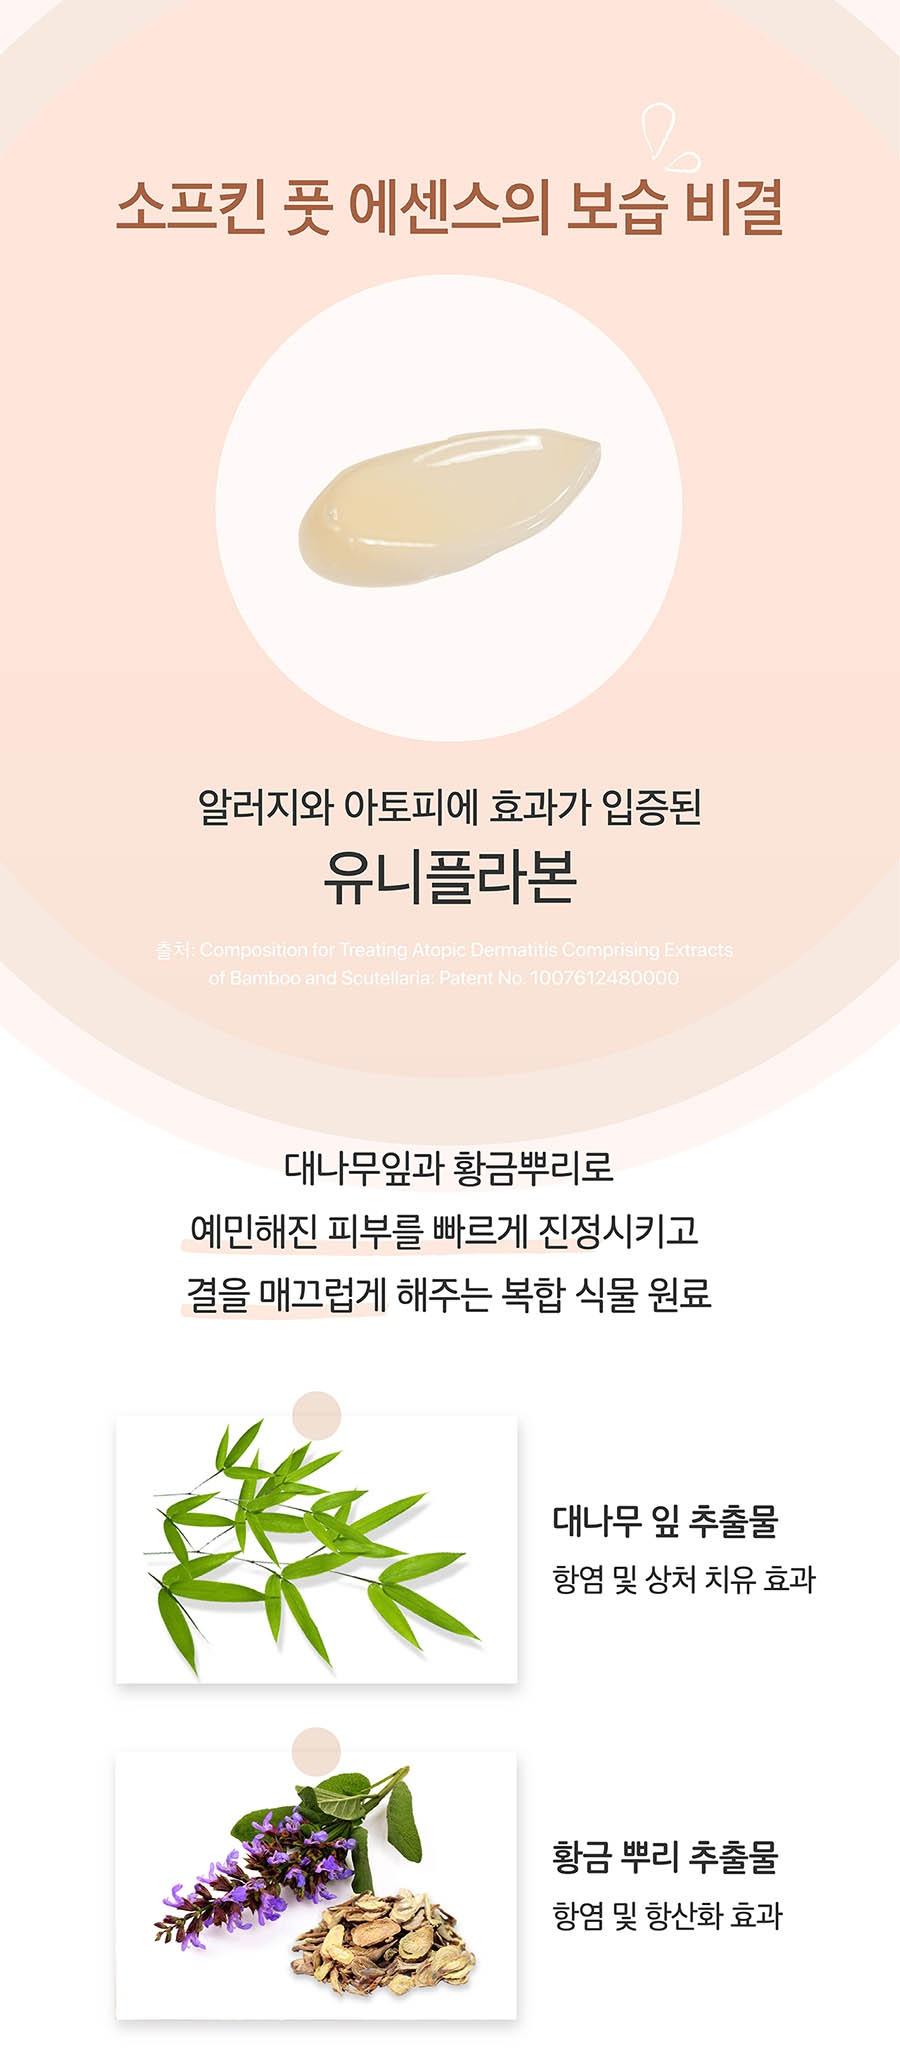 소프킨 풋 에센스-상품이미지-2